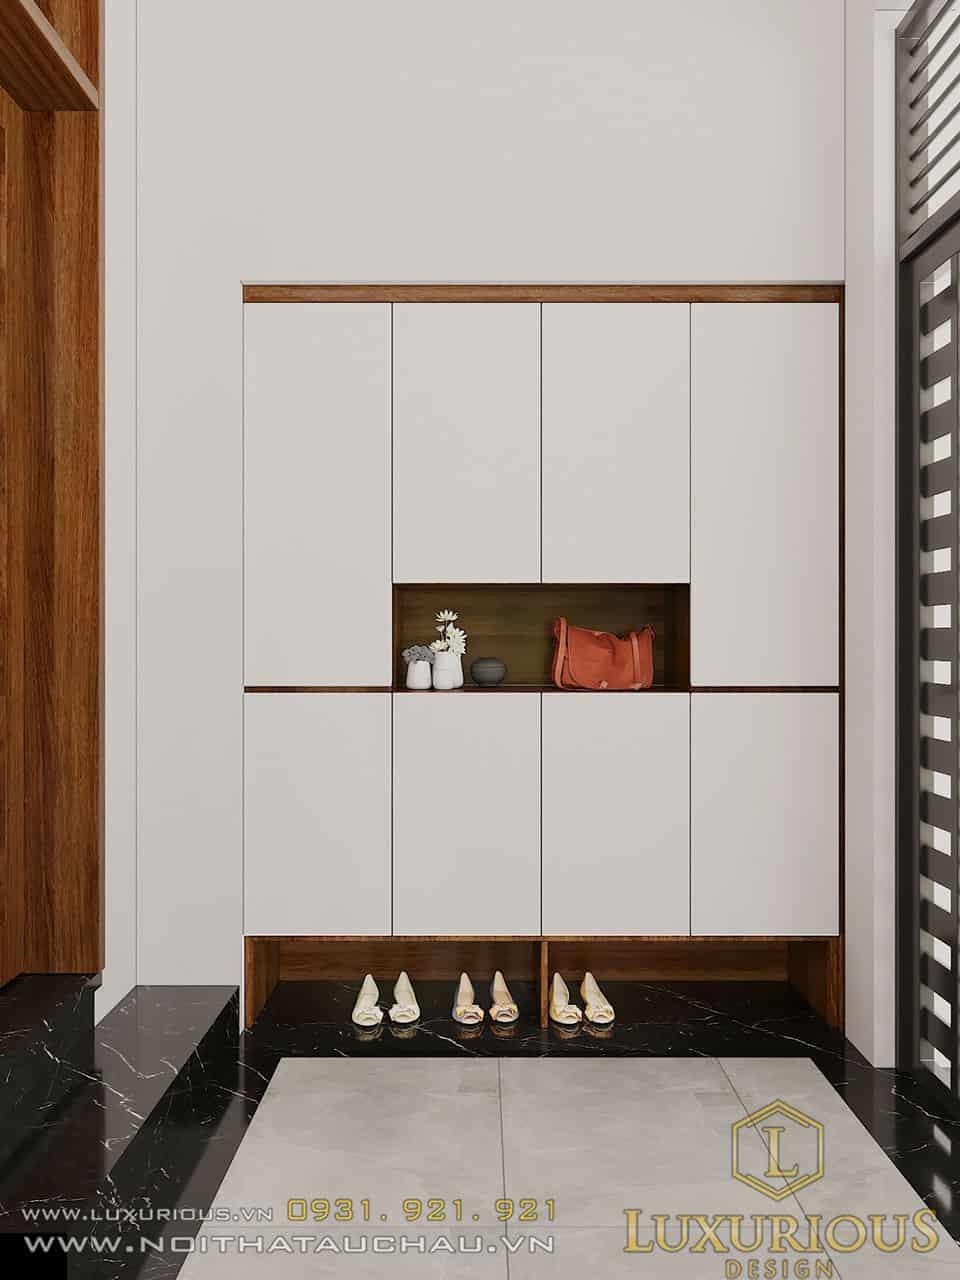 Tủ để giày màu trắng